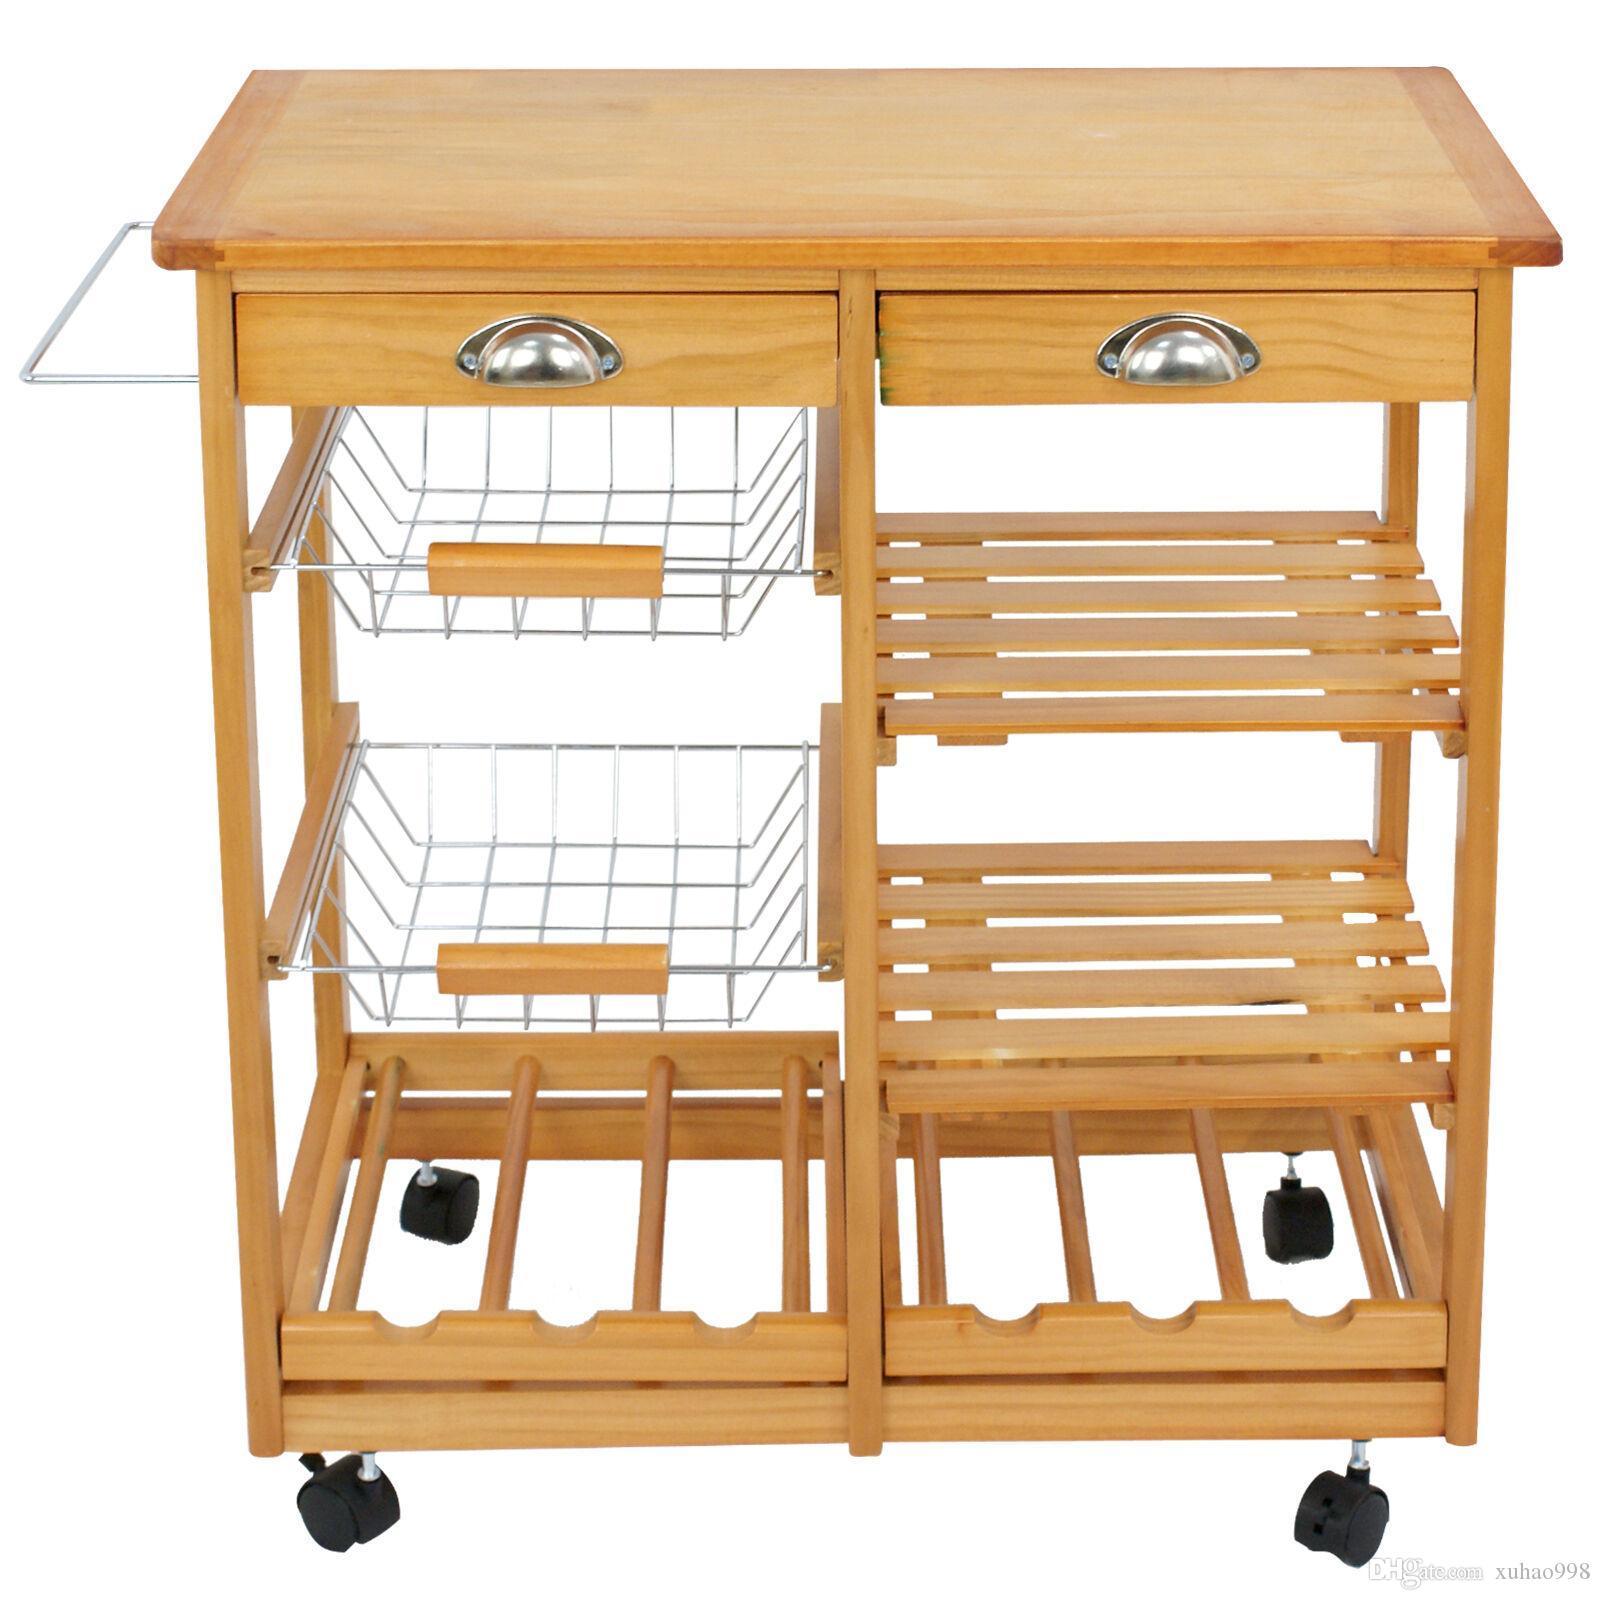 Rolling Wood Kitchen Island Carretilla Carrito Casas de almacenamiento Cajones Soporte Durable